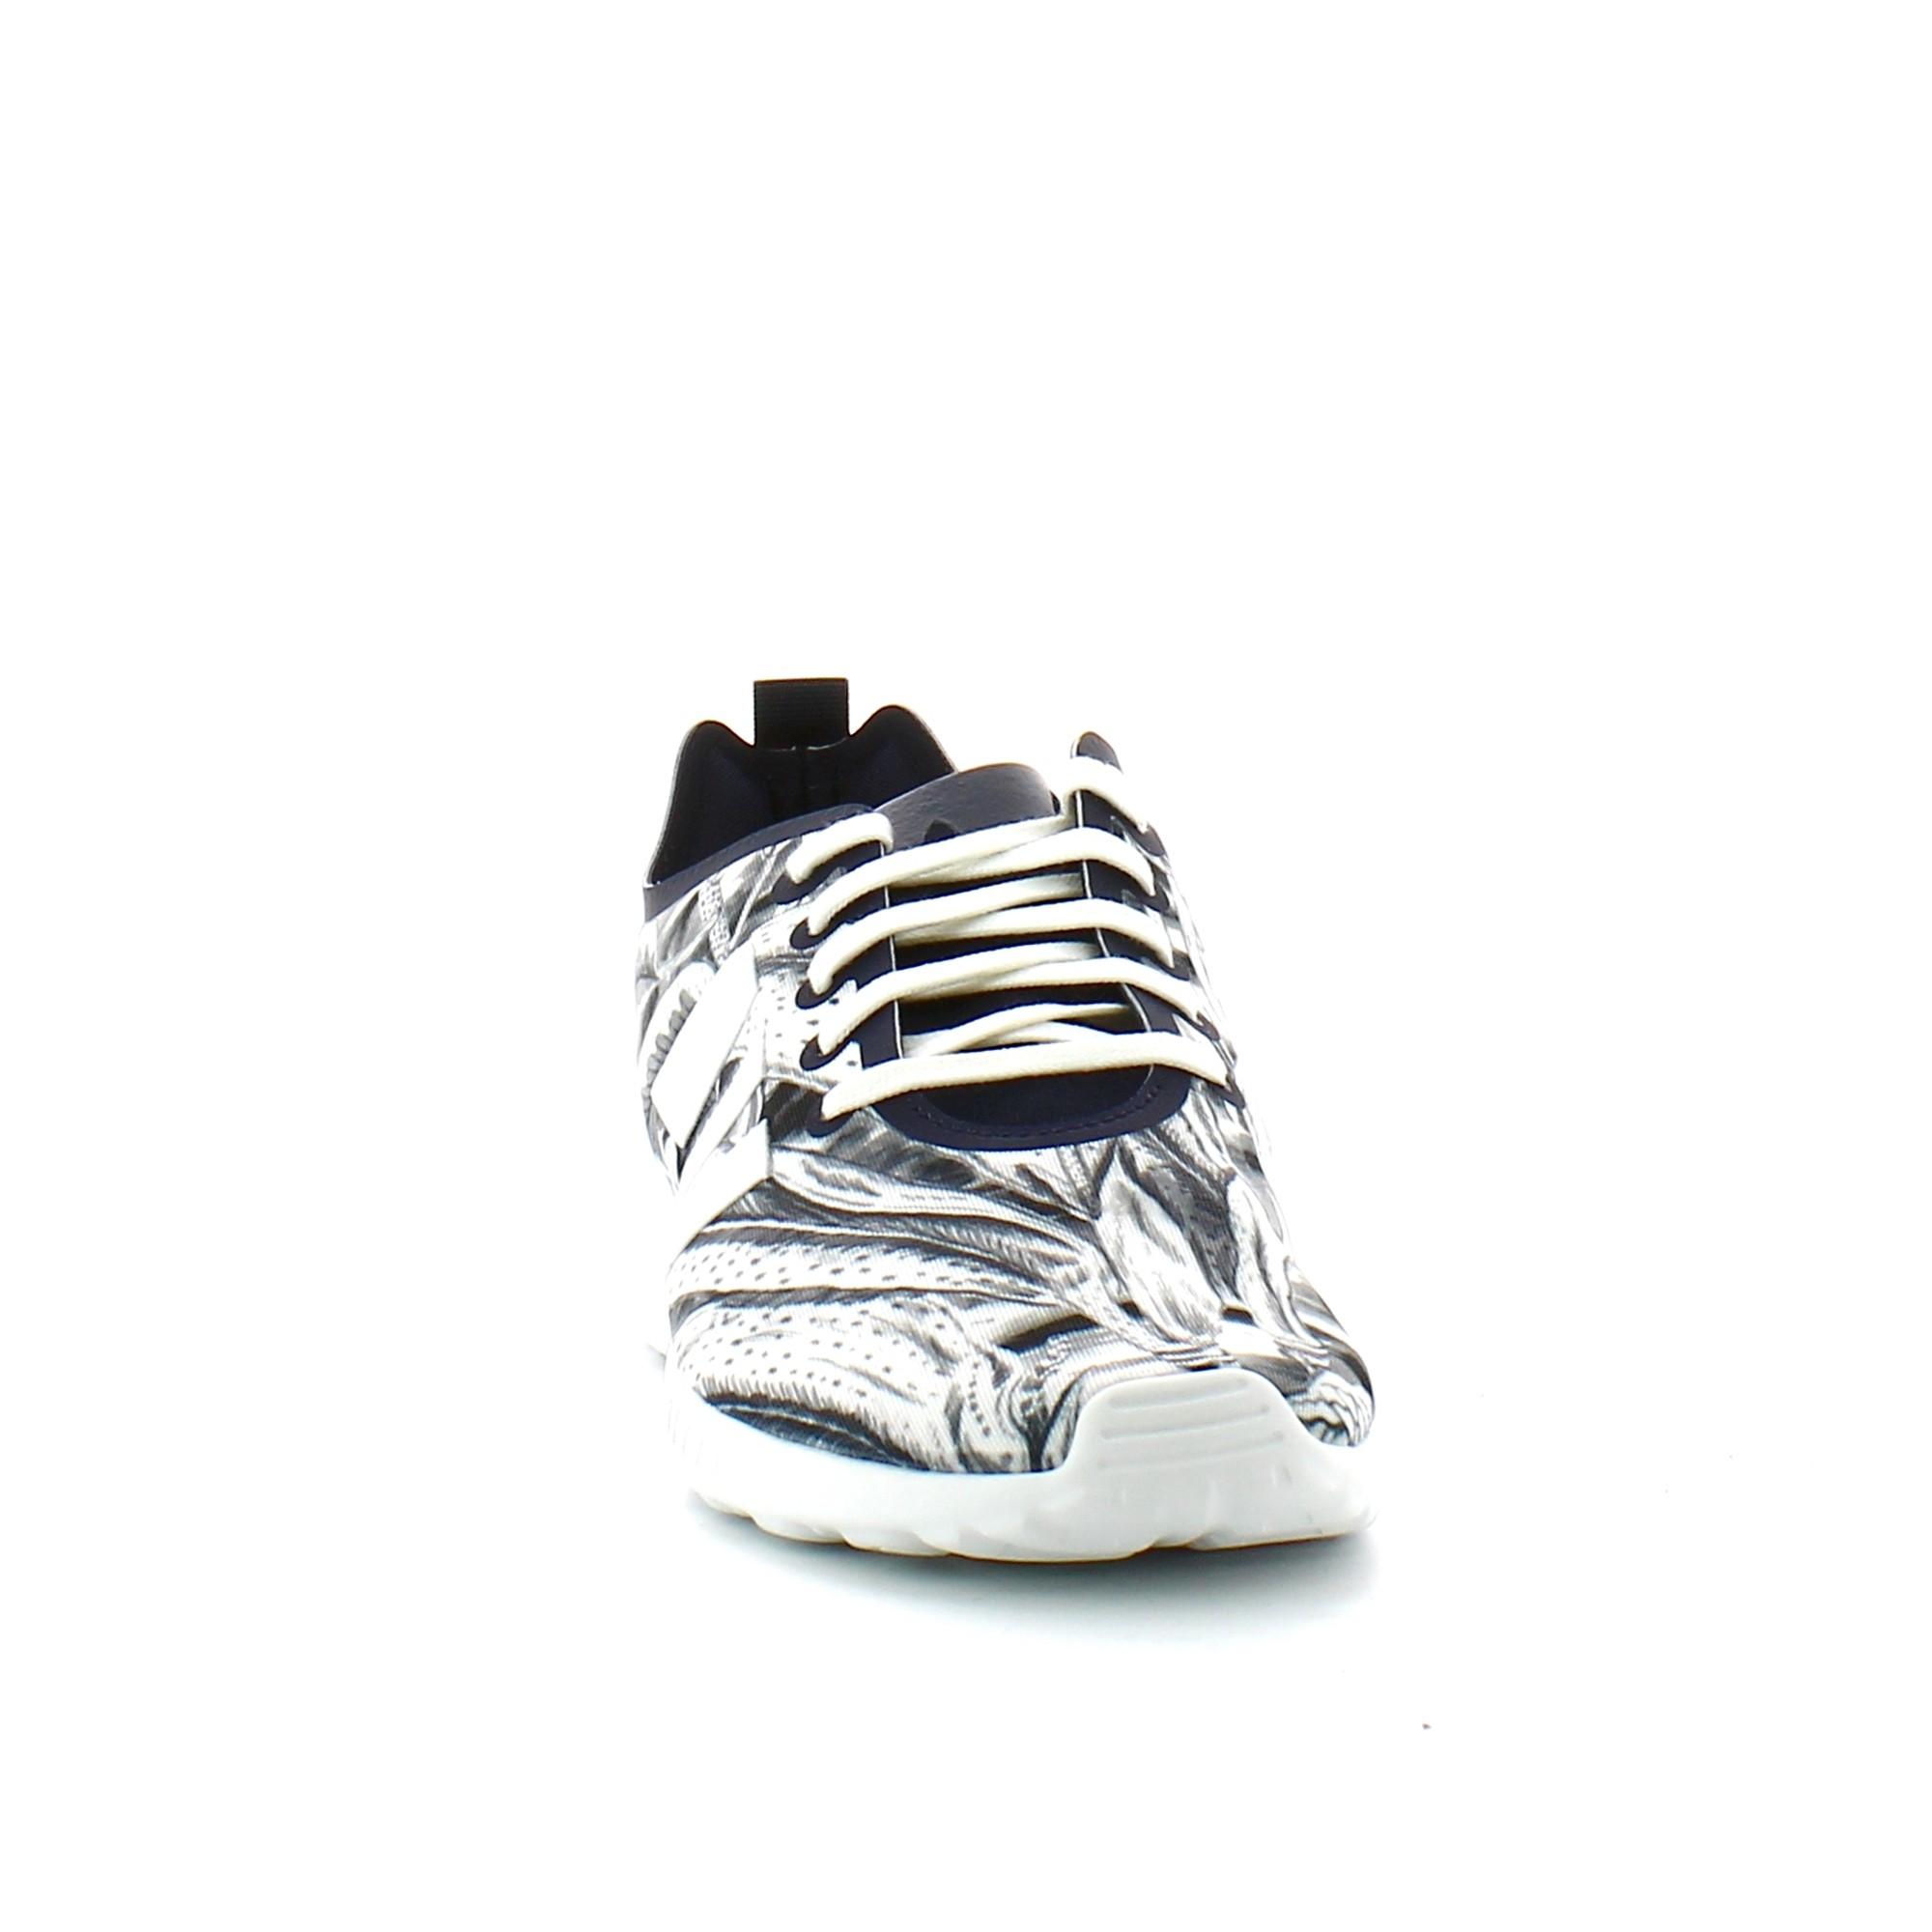 Zapatillas adidas ZX Flux Smooth W negro multicolor mujer